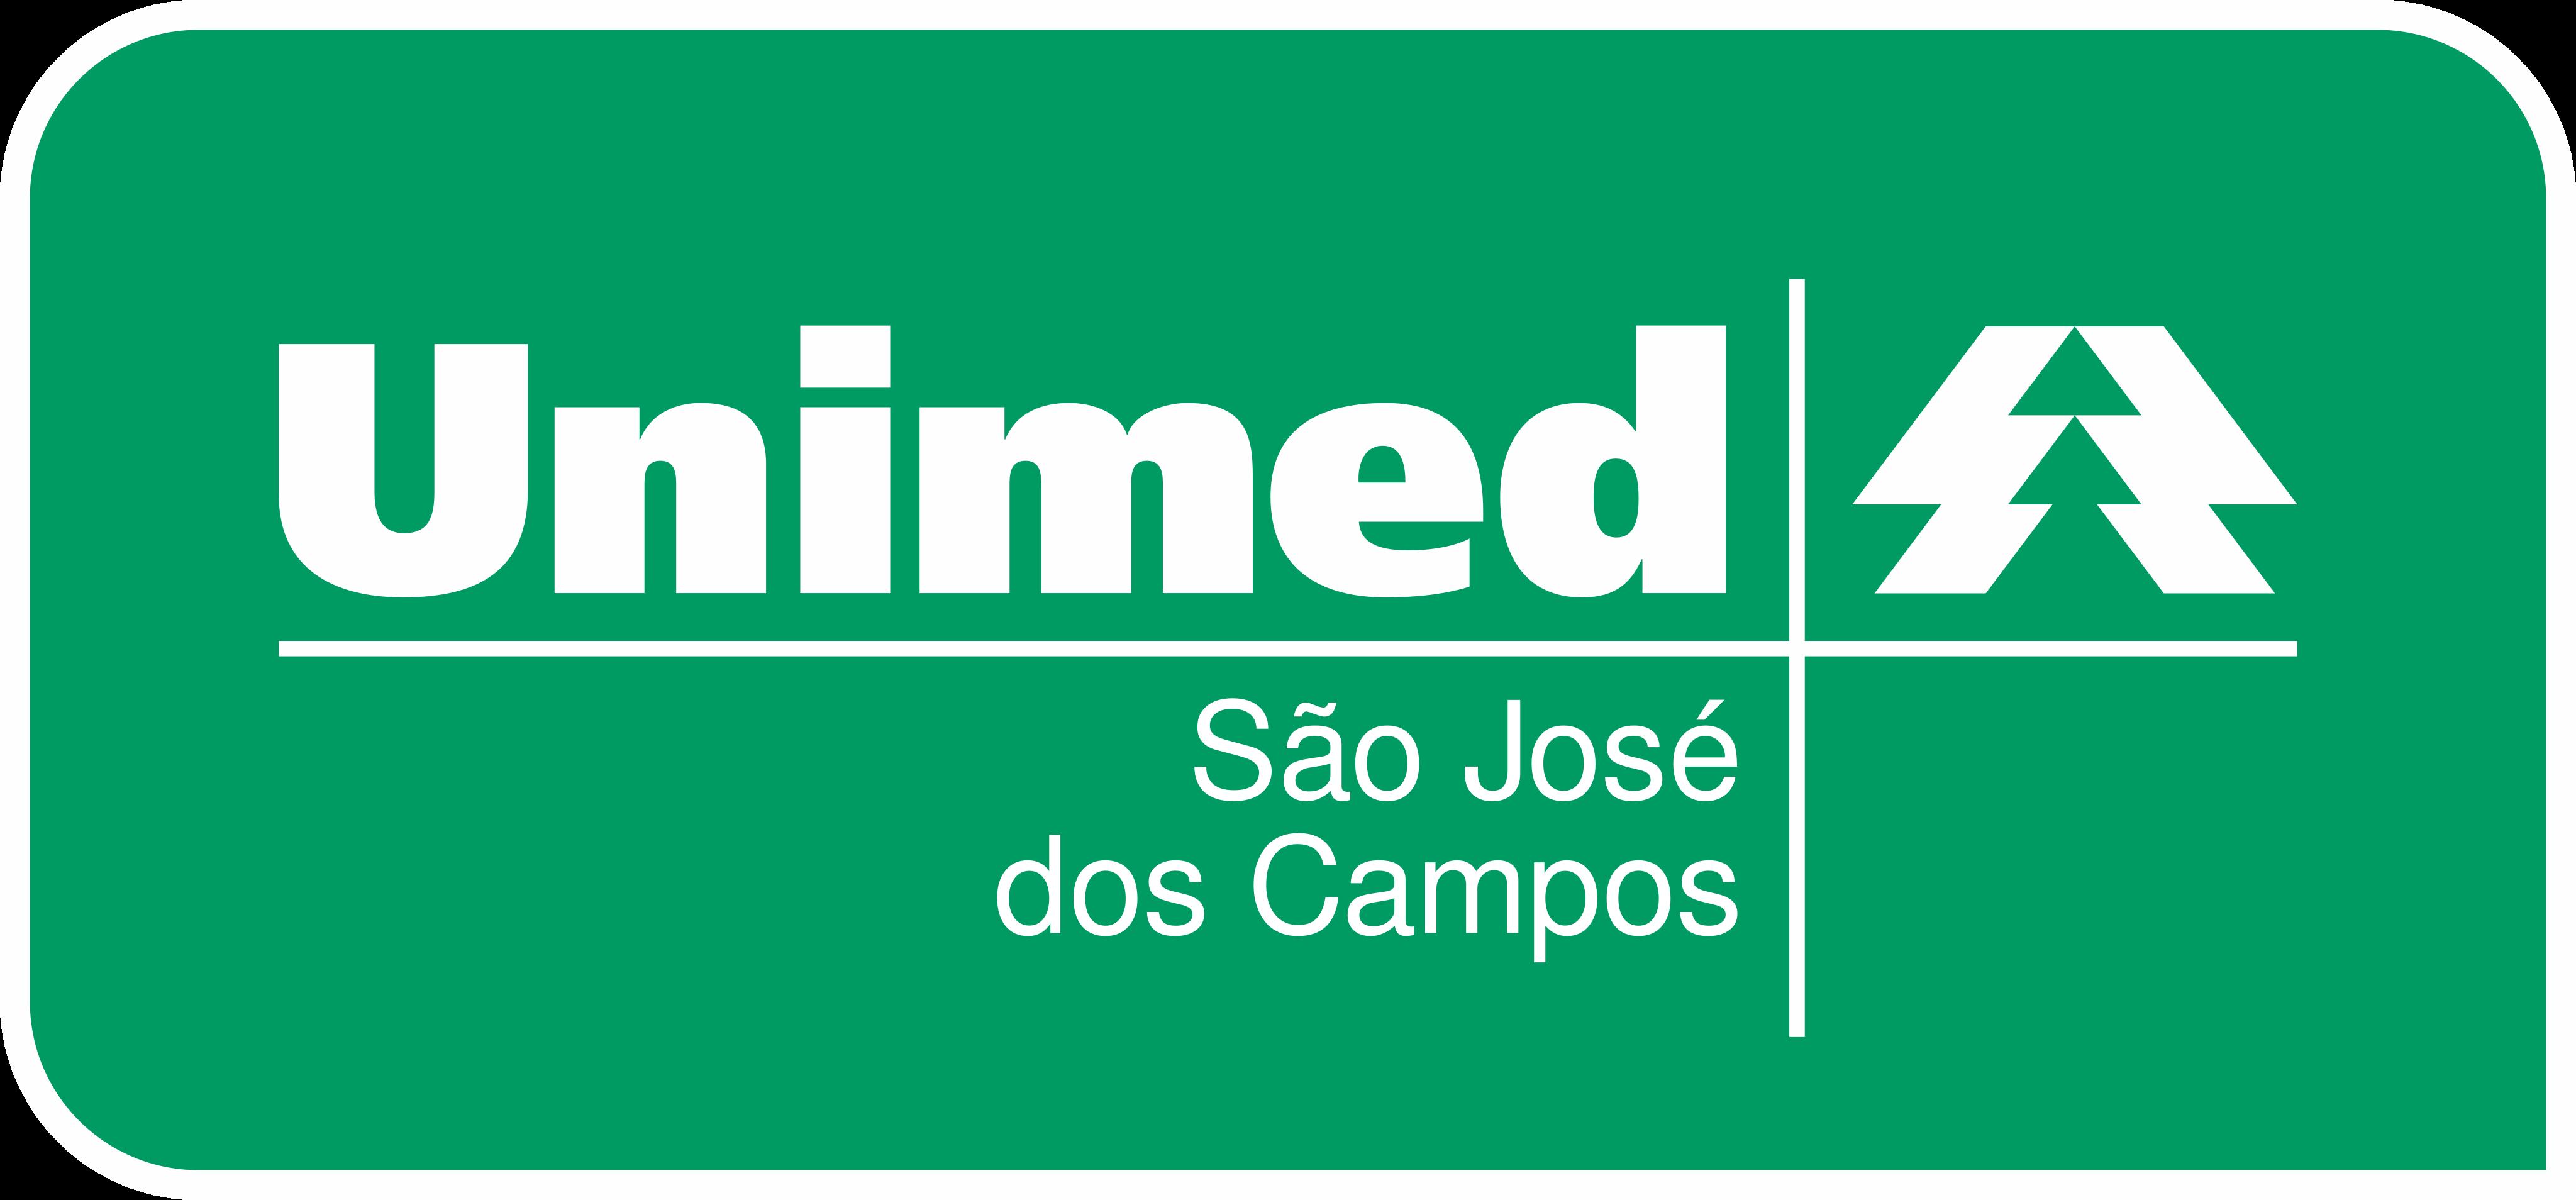 Unimed São José dos Campos Logo.